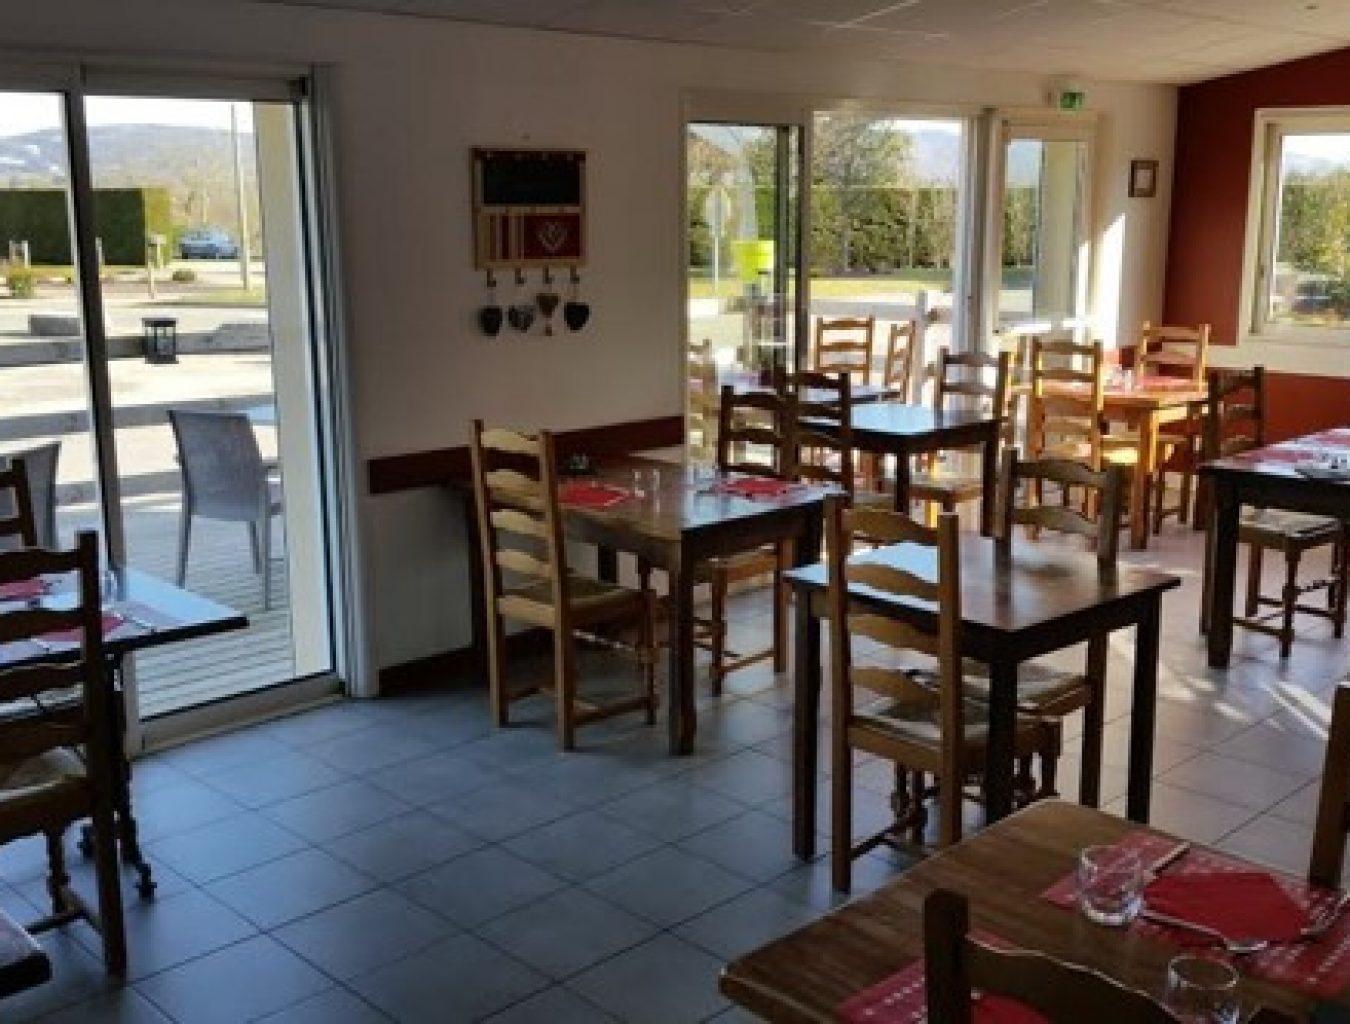 atelier_construction_maitre_oeuvre_bourg_erp_professionnel_marche_public_restaurant_extension_amenagement